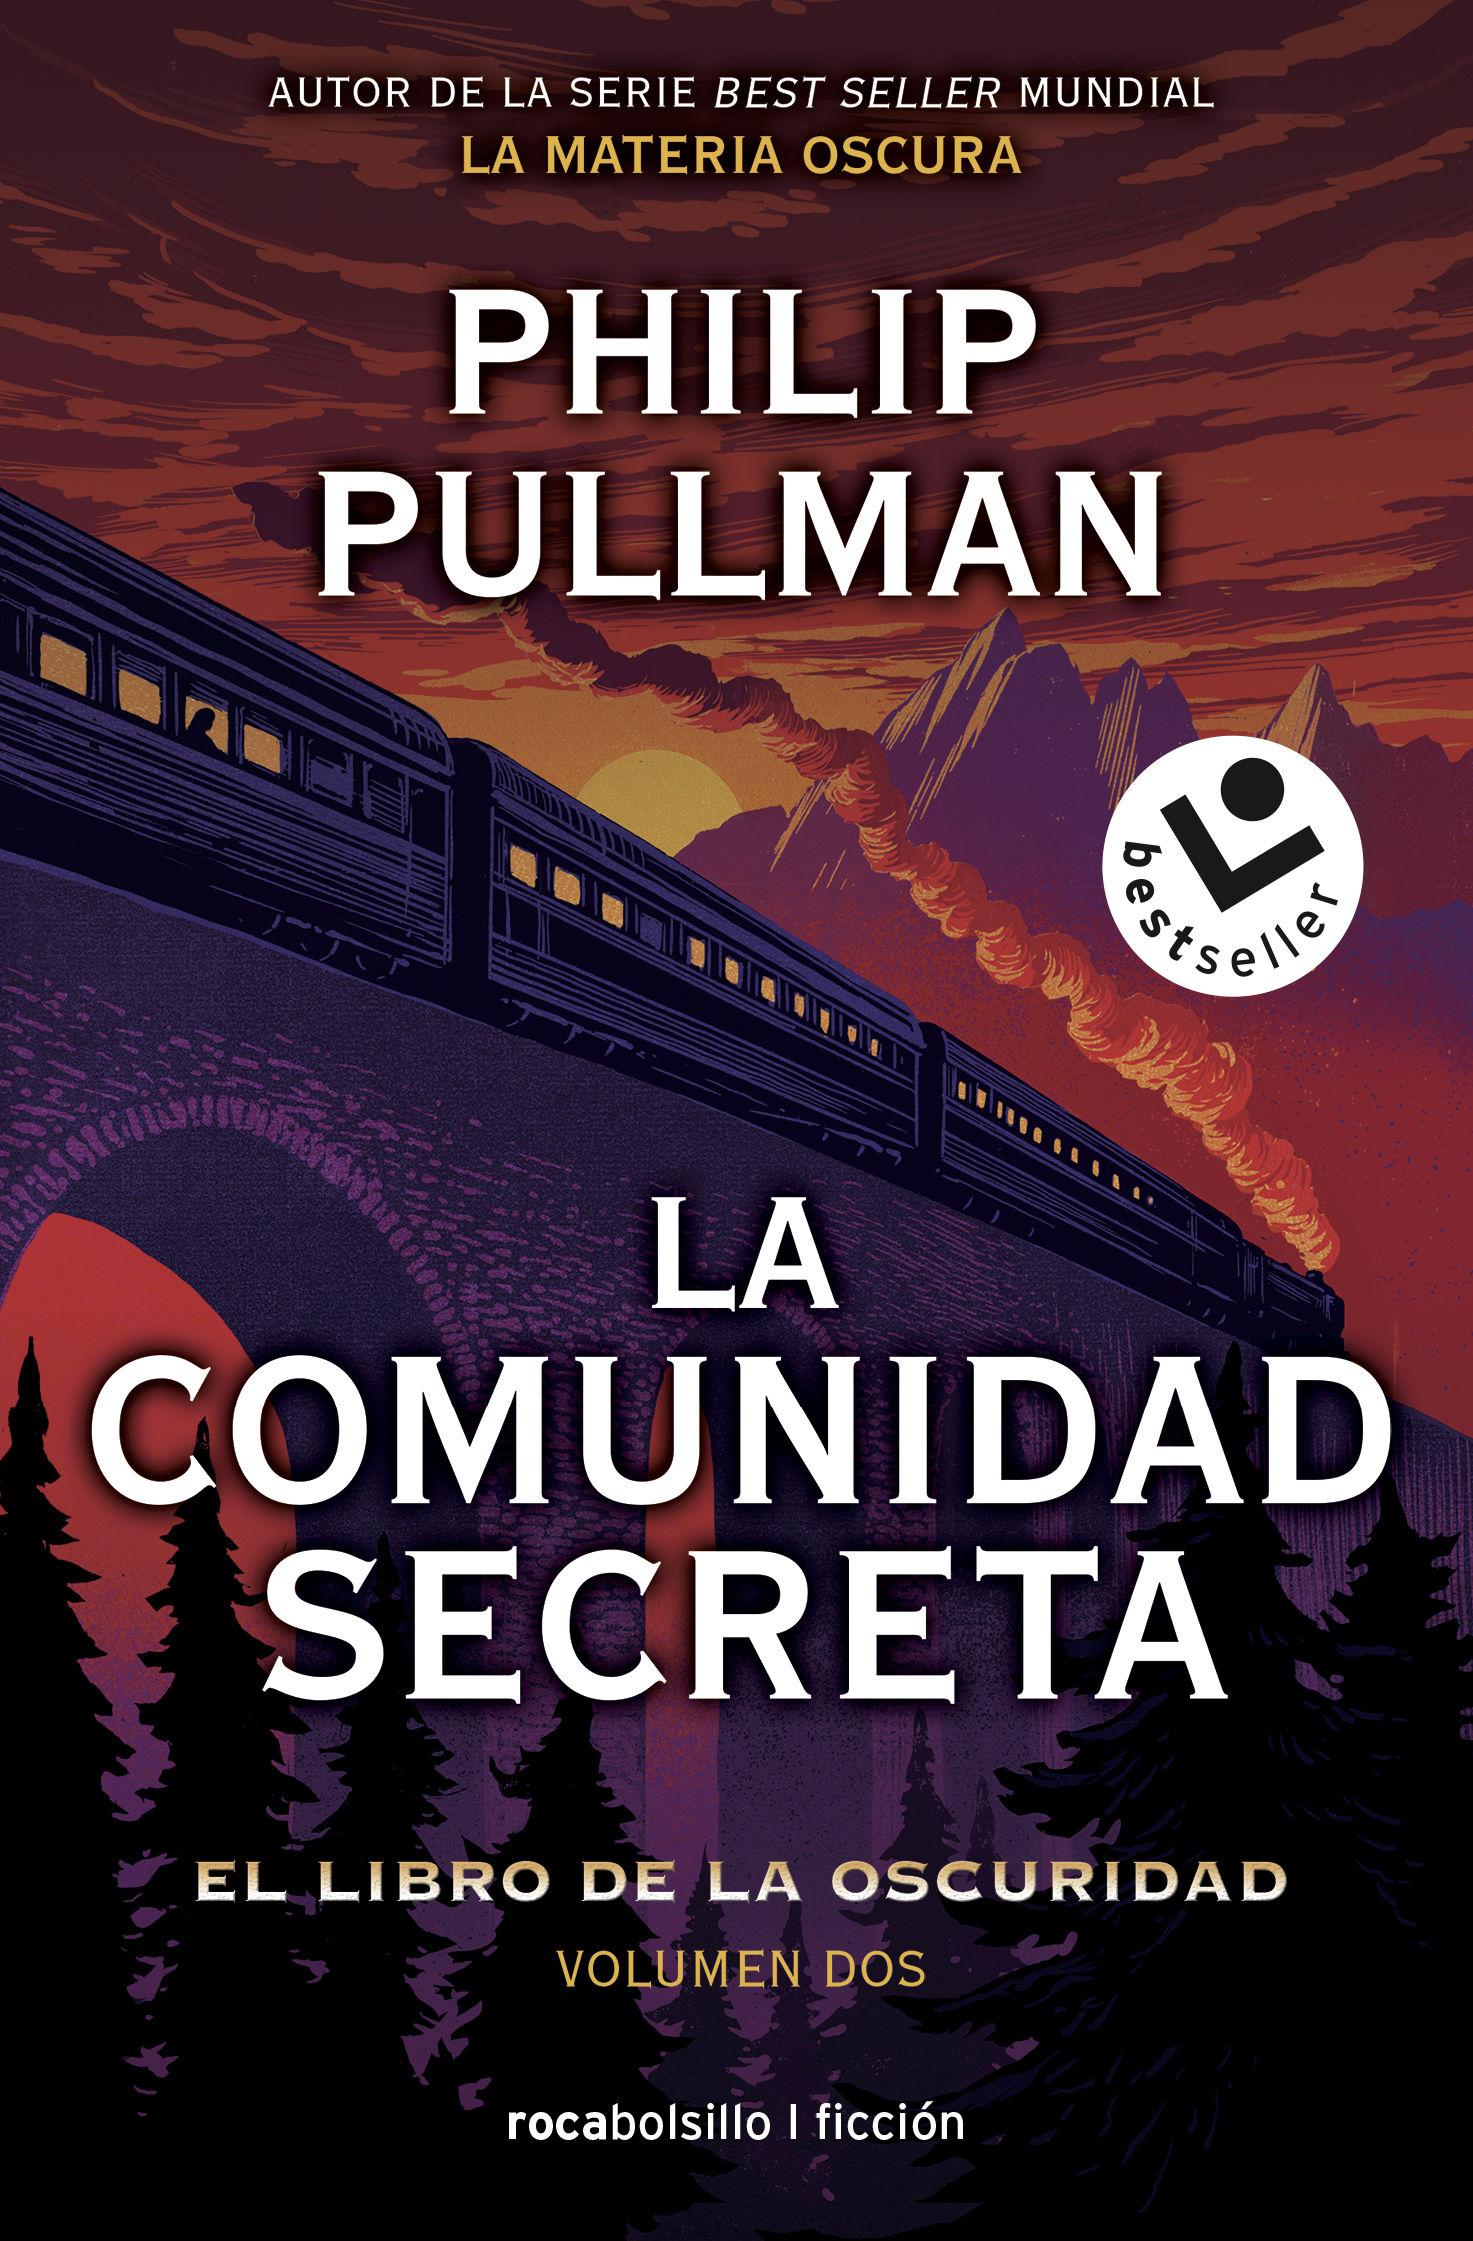 LIBRO DE LA OSCURIDAD II. LA COMUNIDAD SECRETA